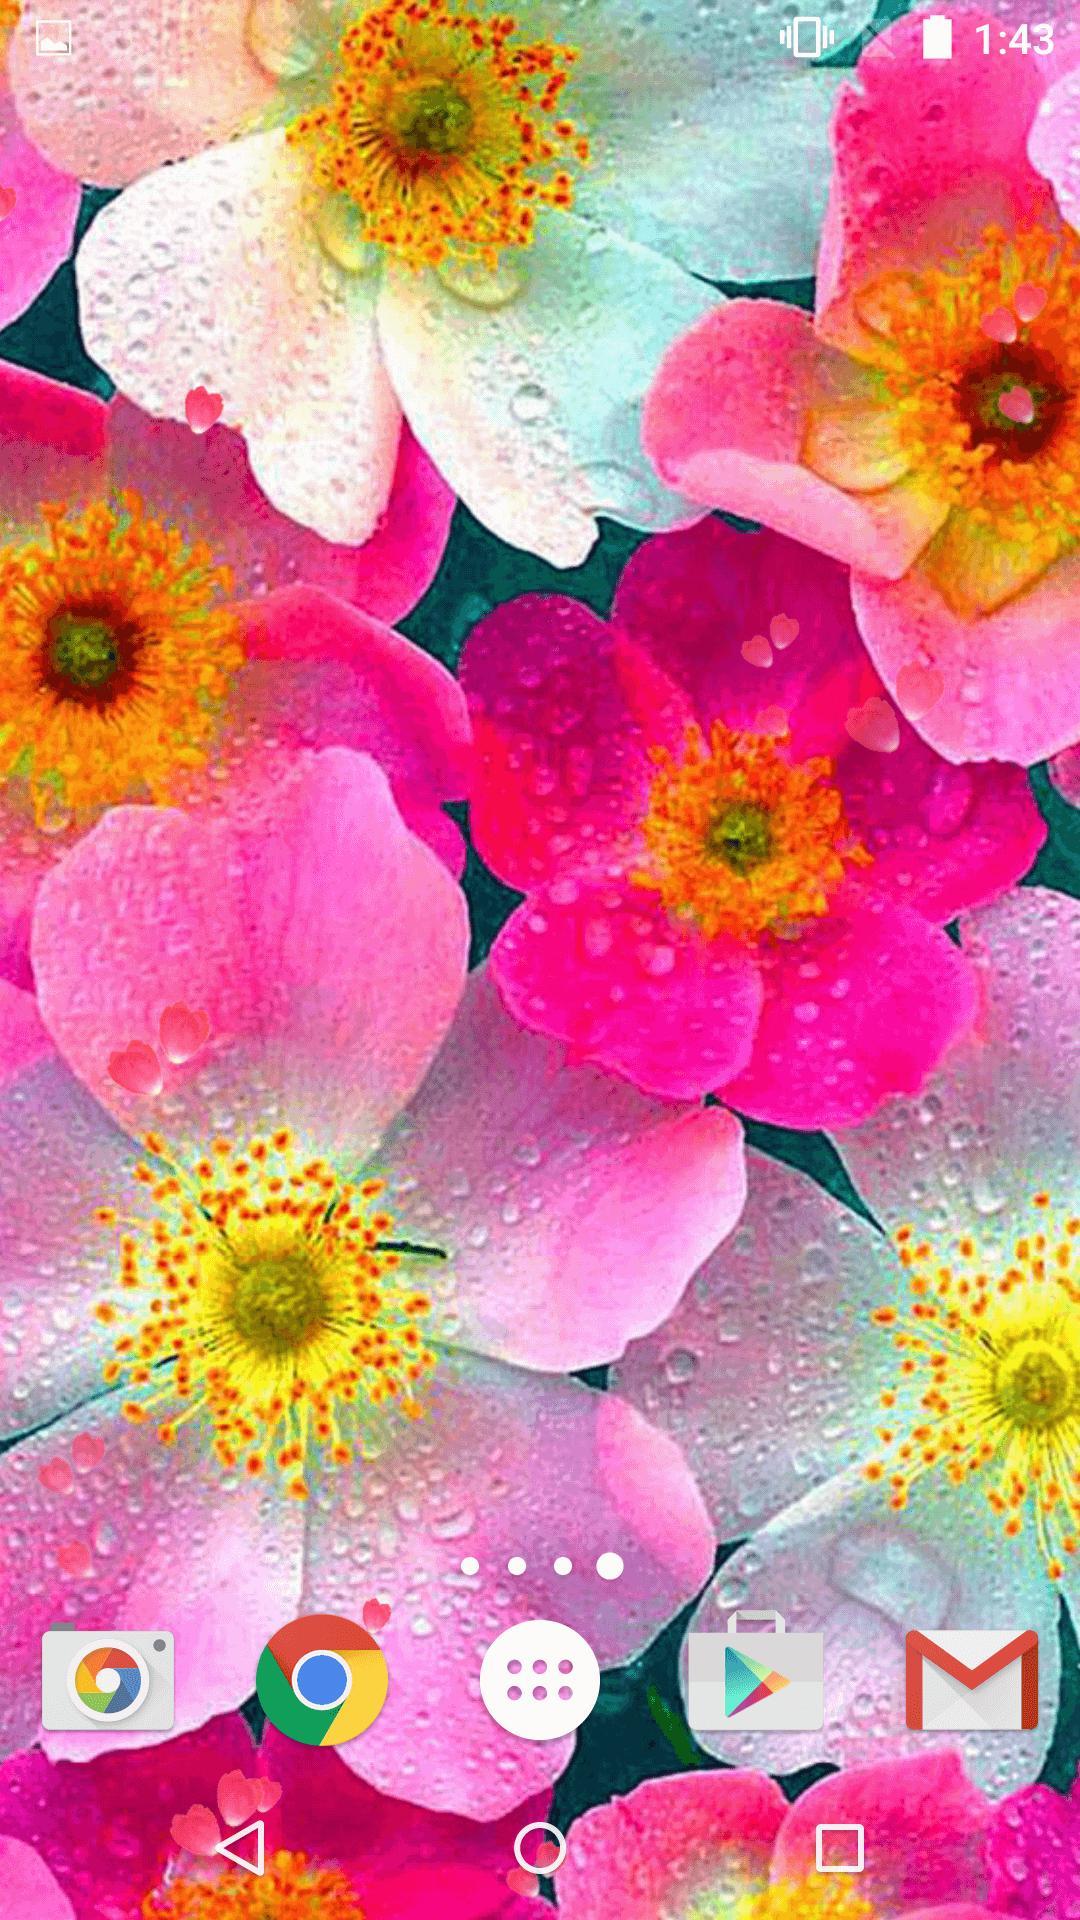 Unduh 80 Koleksi Wallpaper Bunga Animasi Paling Keren